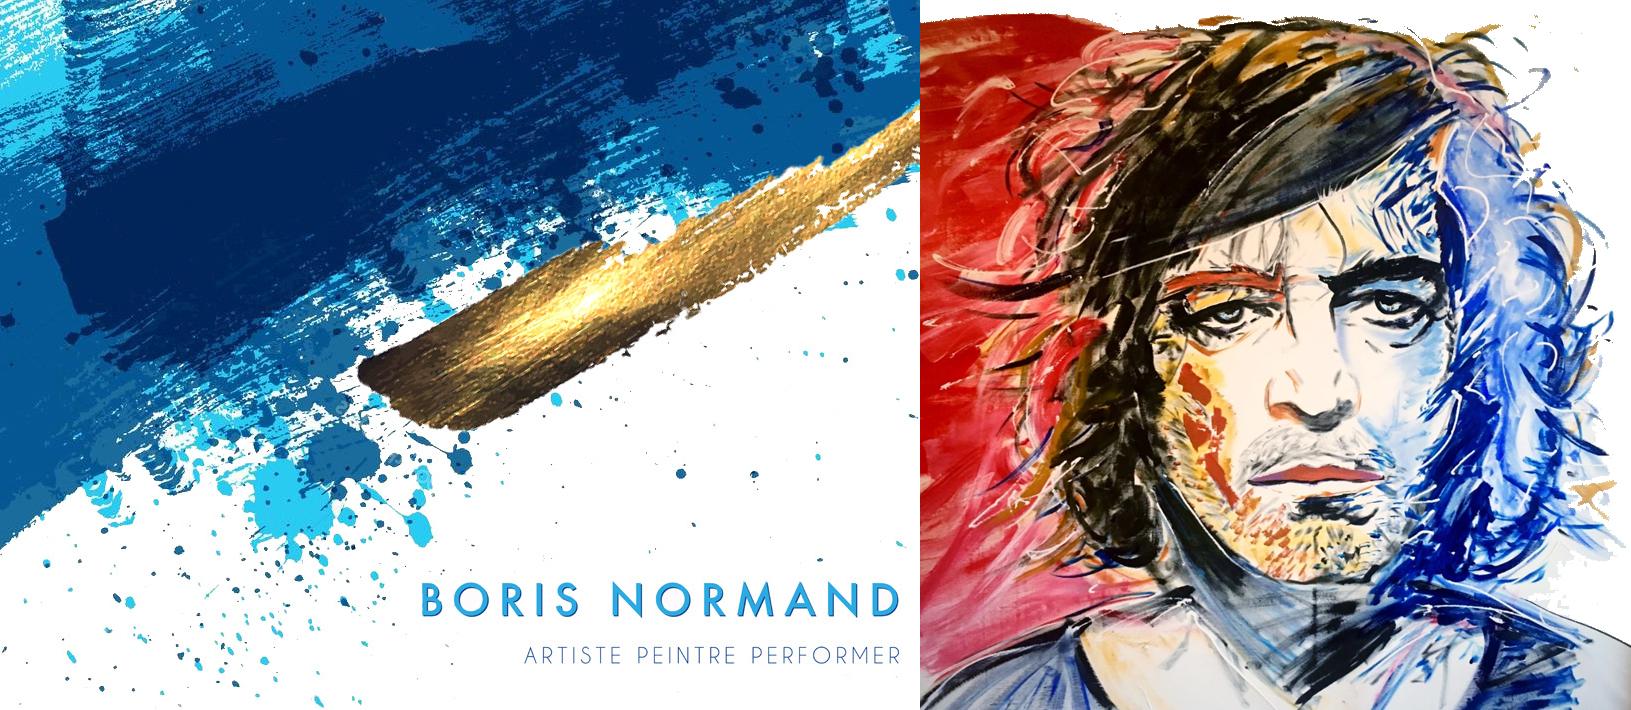 boris normand artiste peintre performer, portrait paillettes